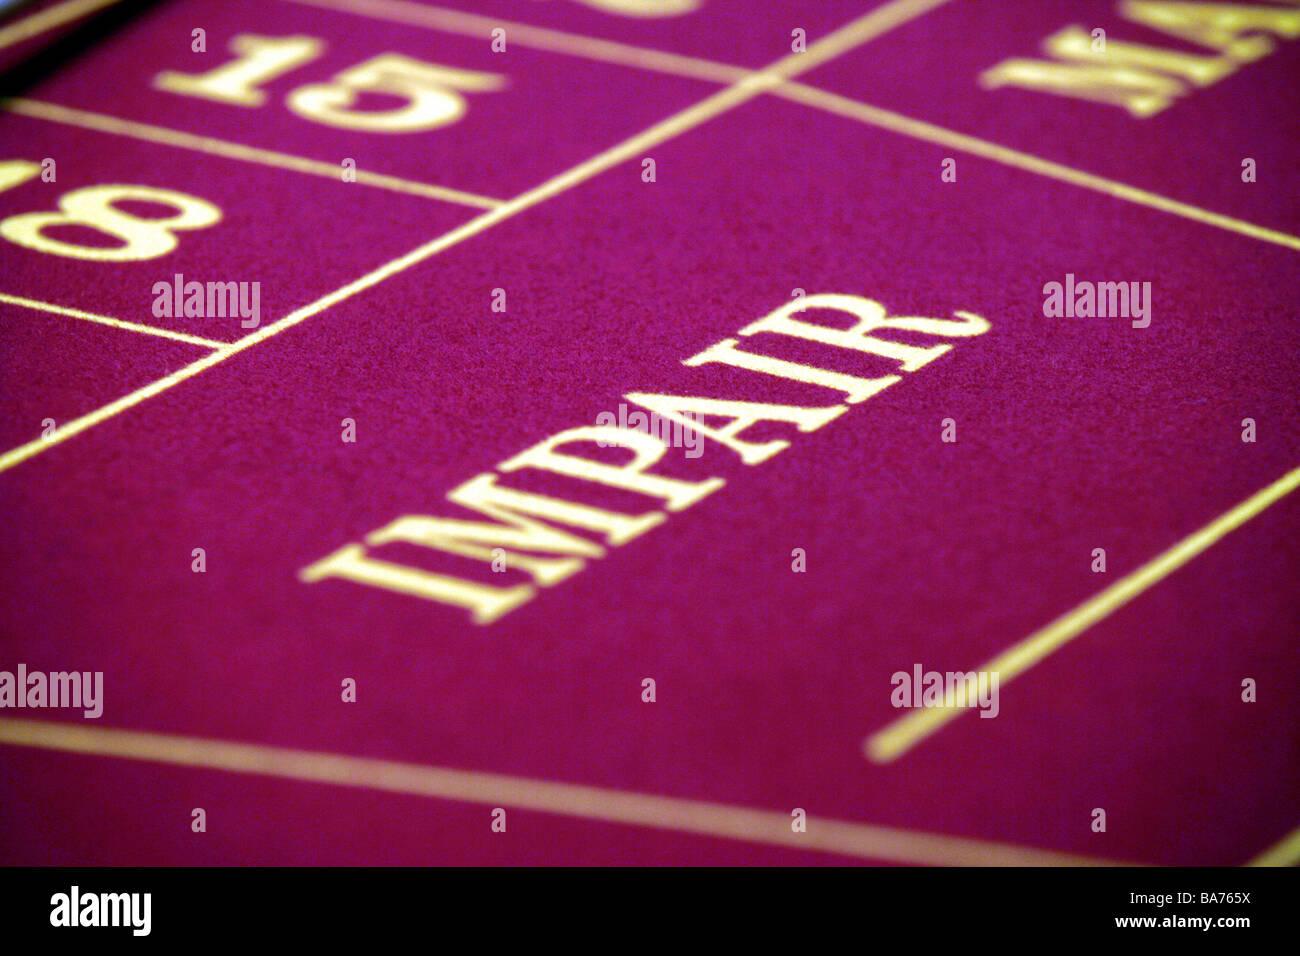 Casino Glücksspiel Roulette Karte Tabelle Detail Wertminderung ...